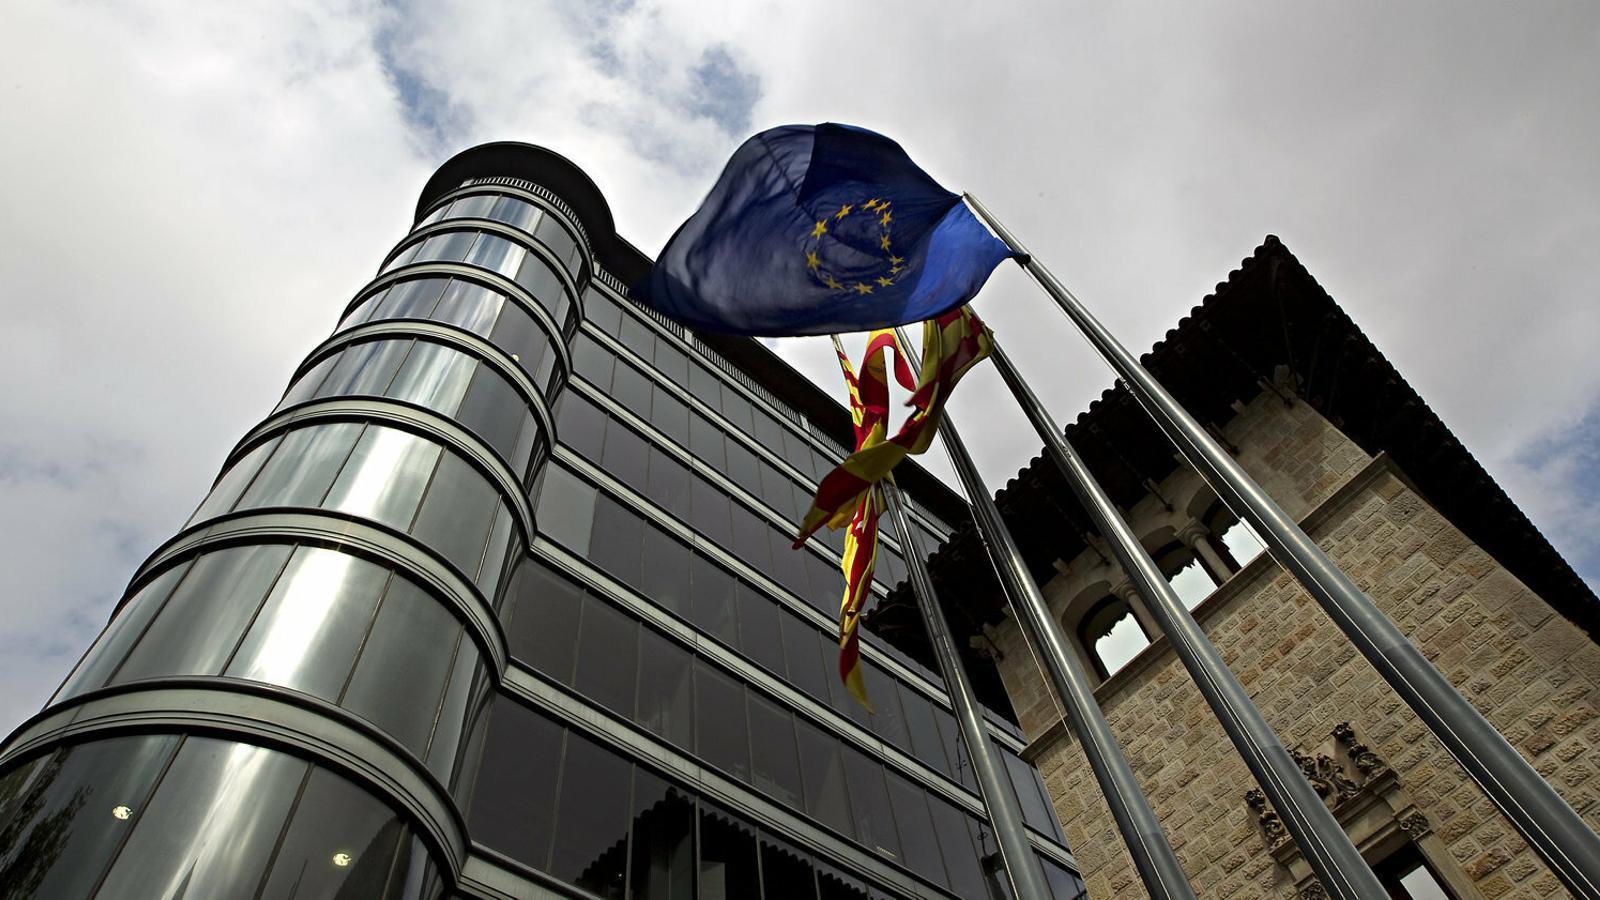 La façana de l'edifici de la Diputació de Barcelona, a la Rambla de Catalunya. / FRANCESC MELCION